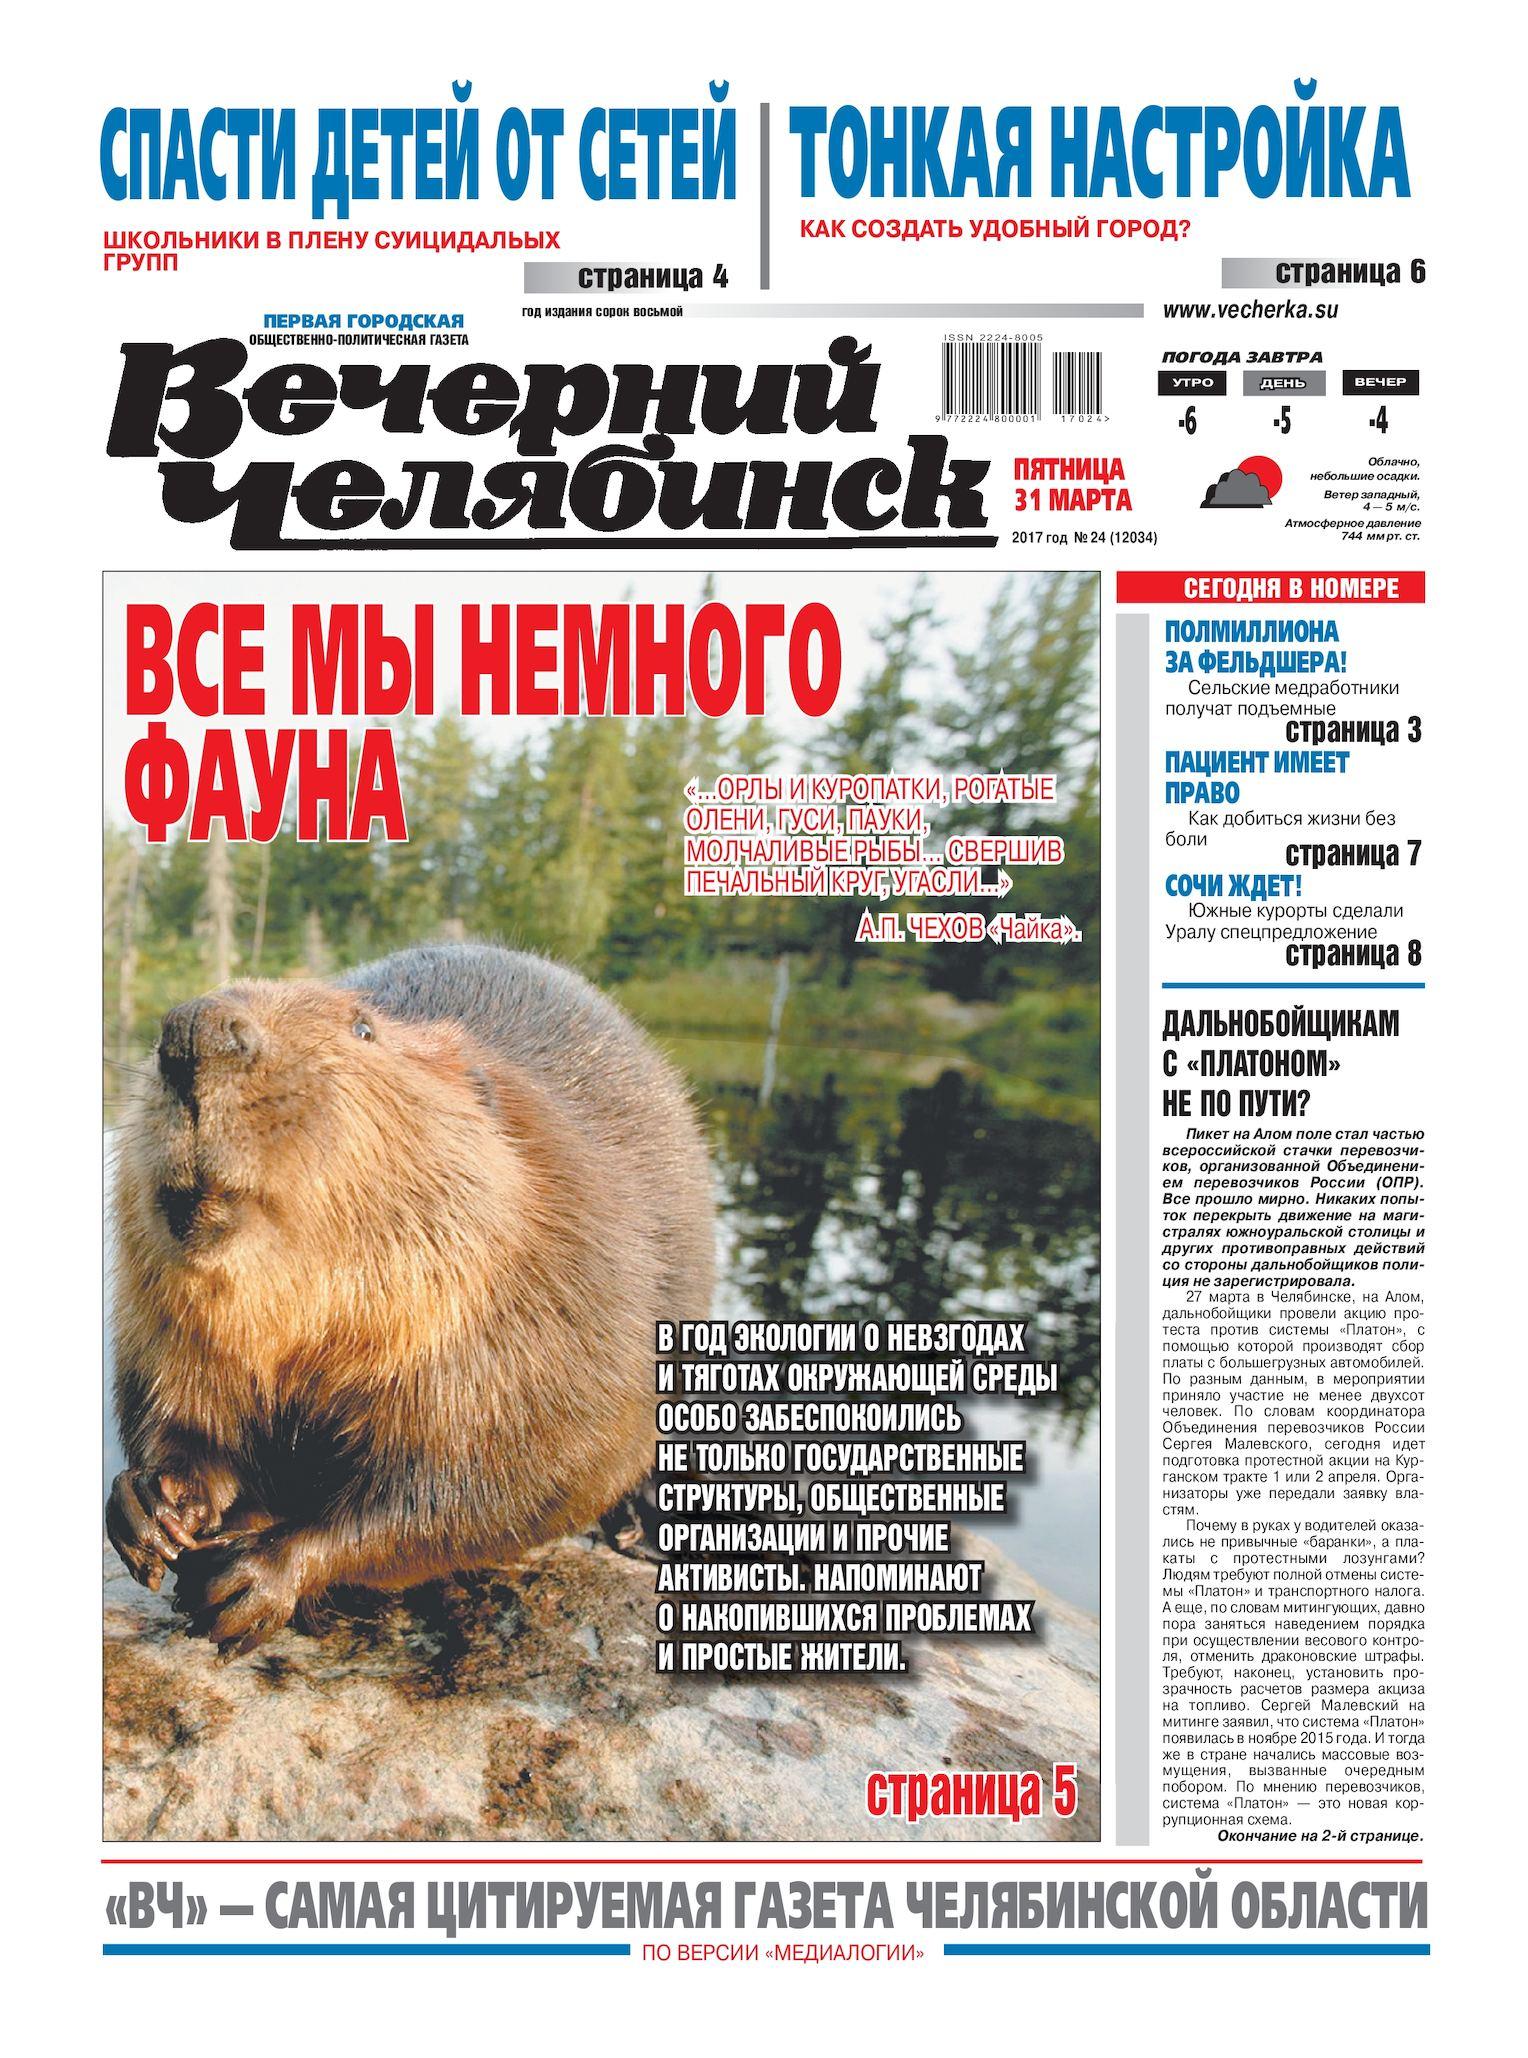 Сурок который попал в красную книгу в челябинскую область брединского района